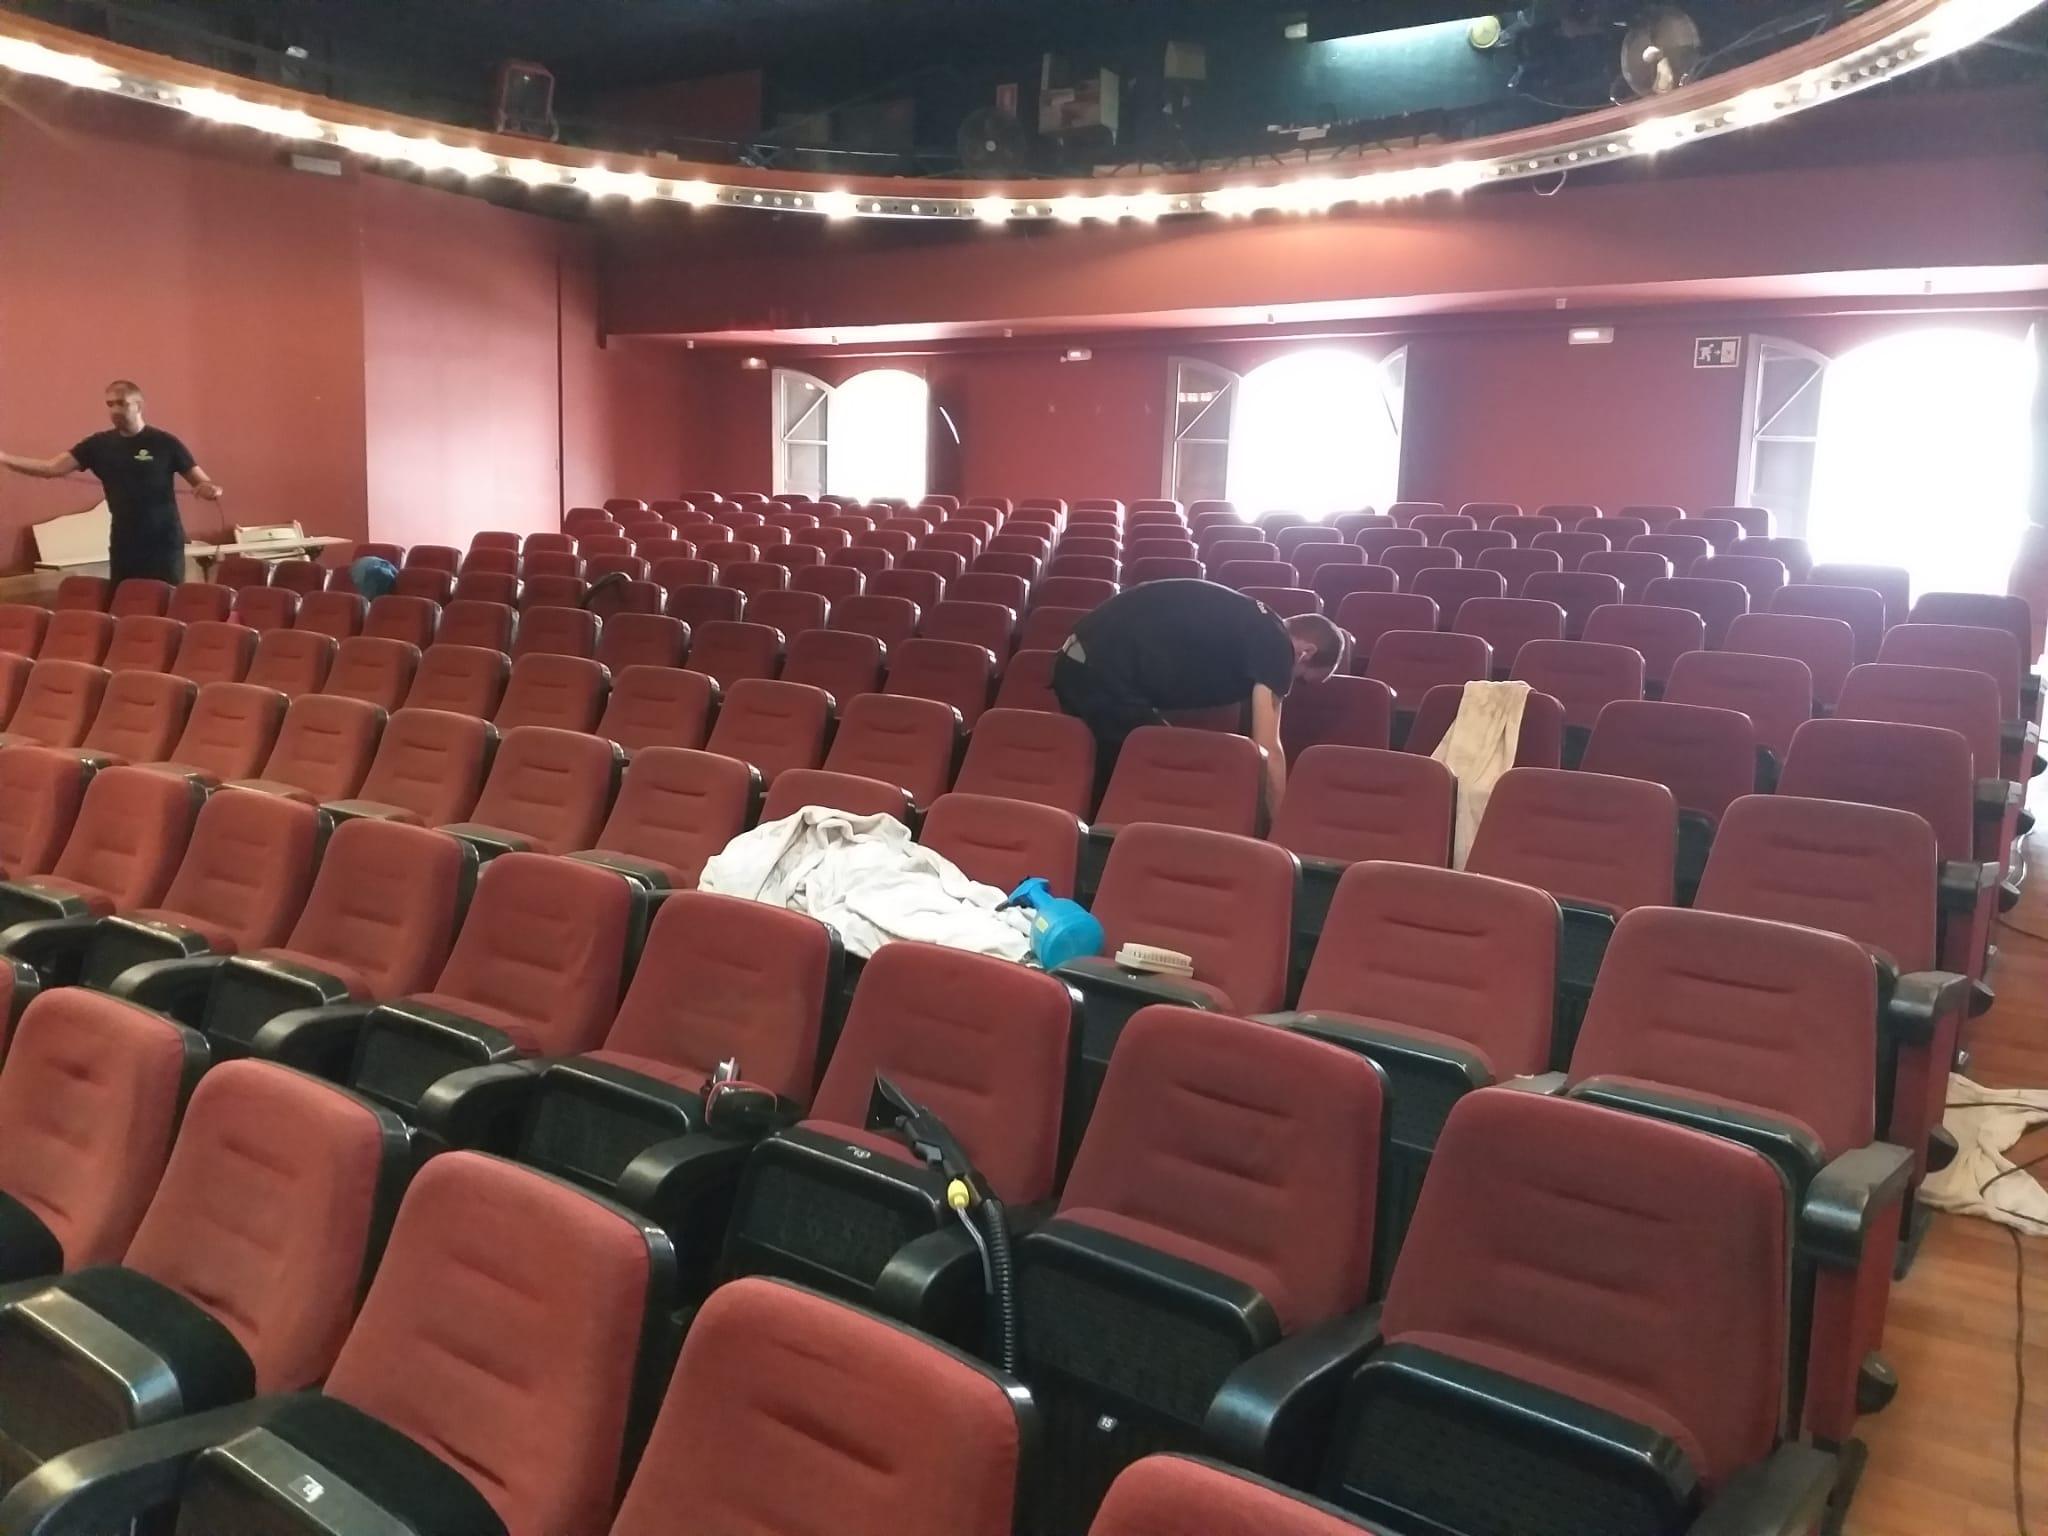 Limpieza de butacas de cines, teatros o embarcaciones